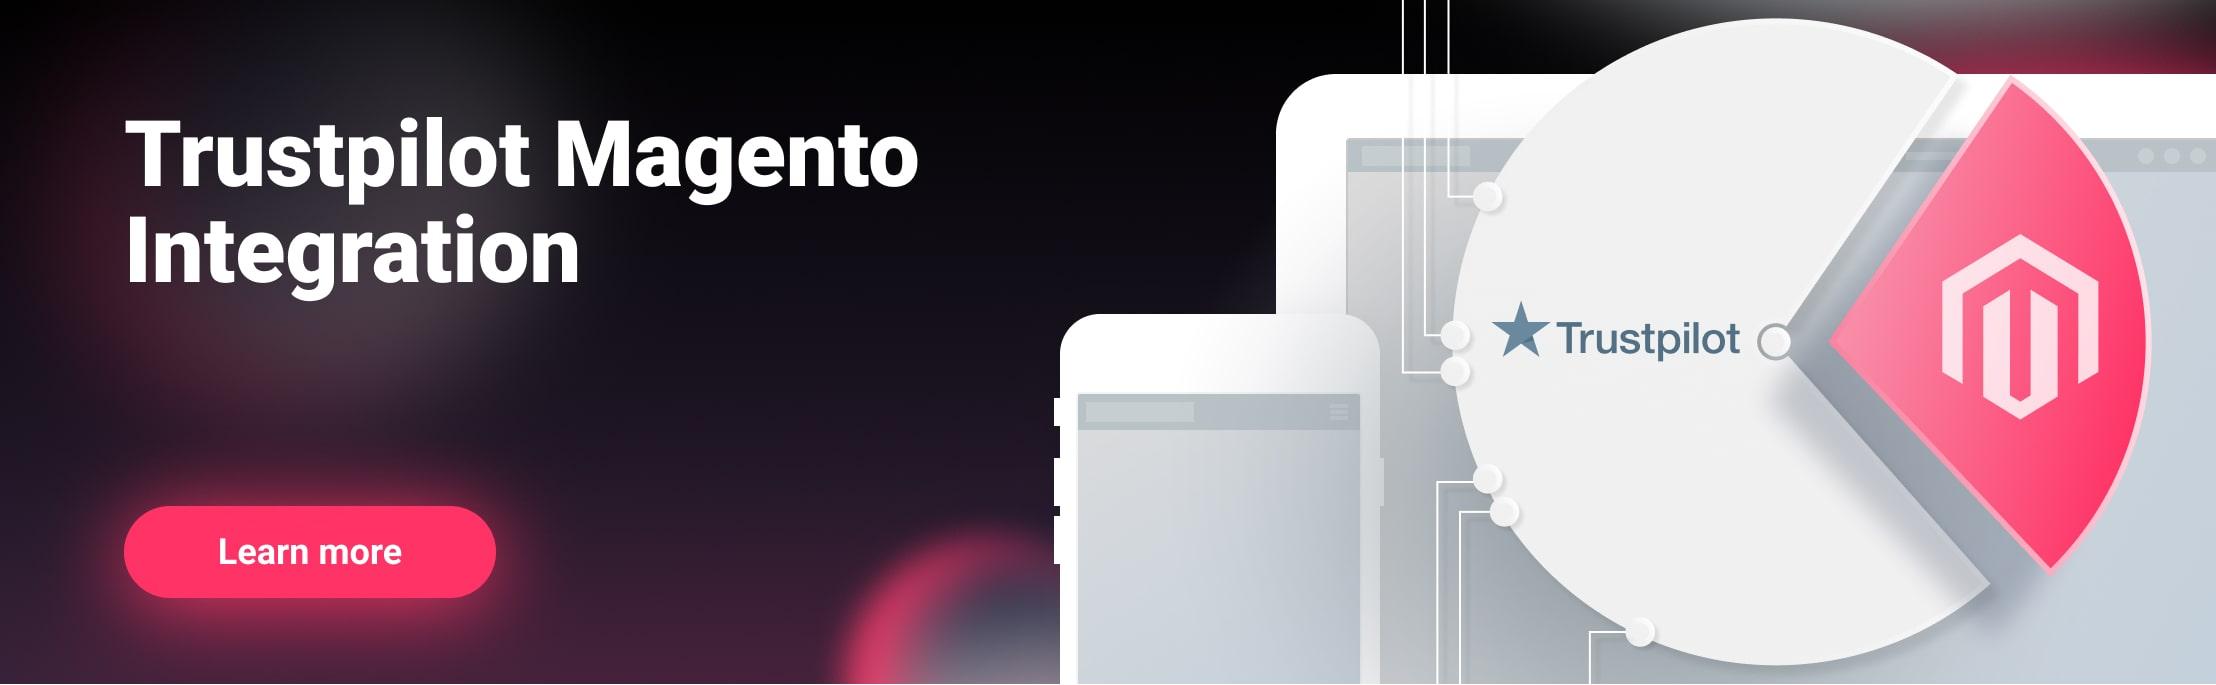 Trustpilot Magento Integration